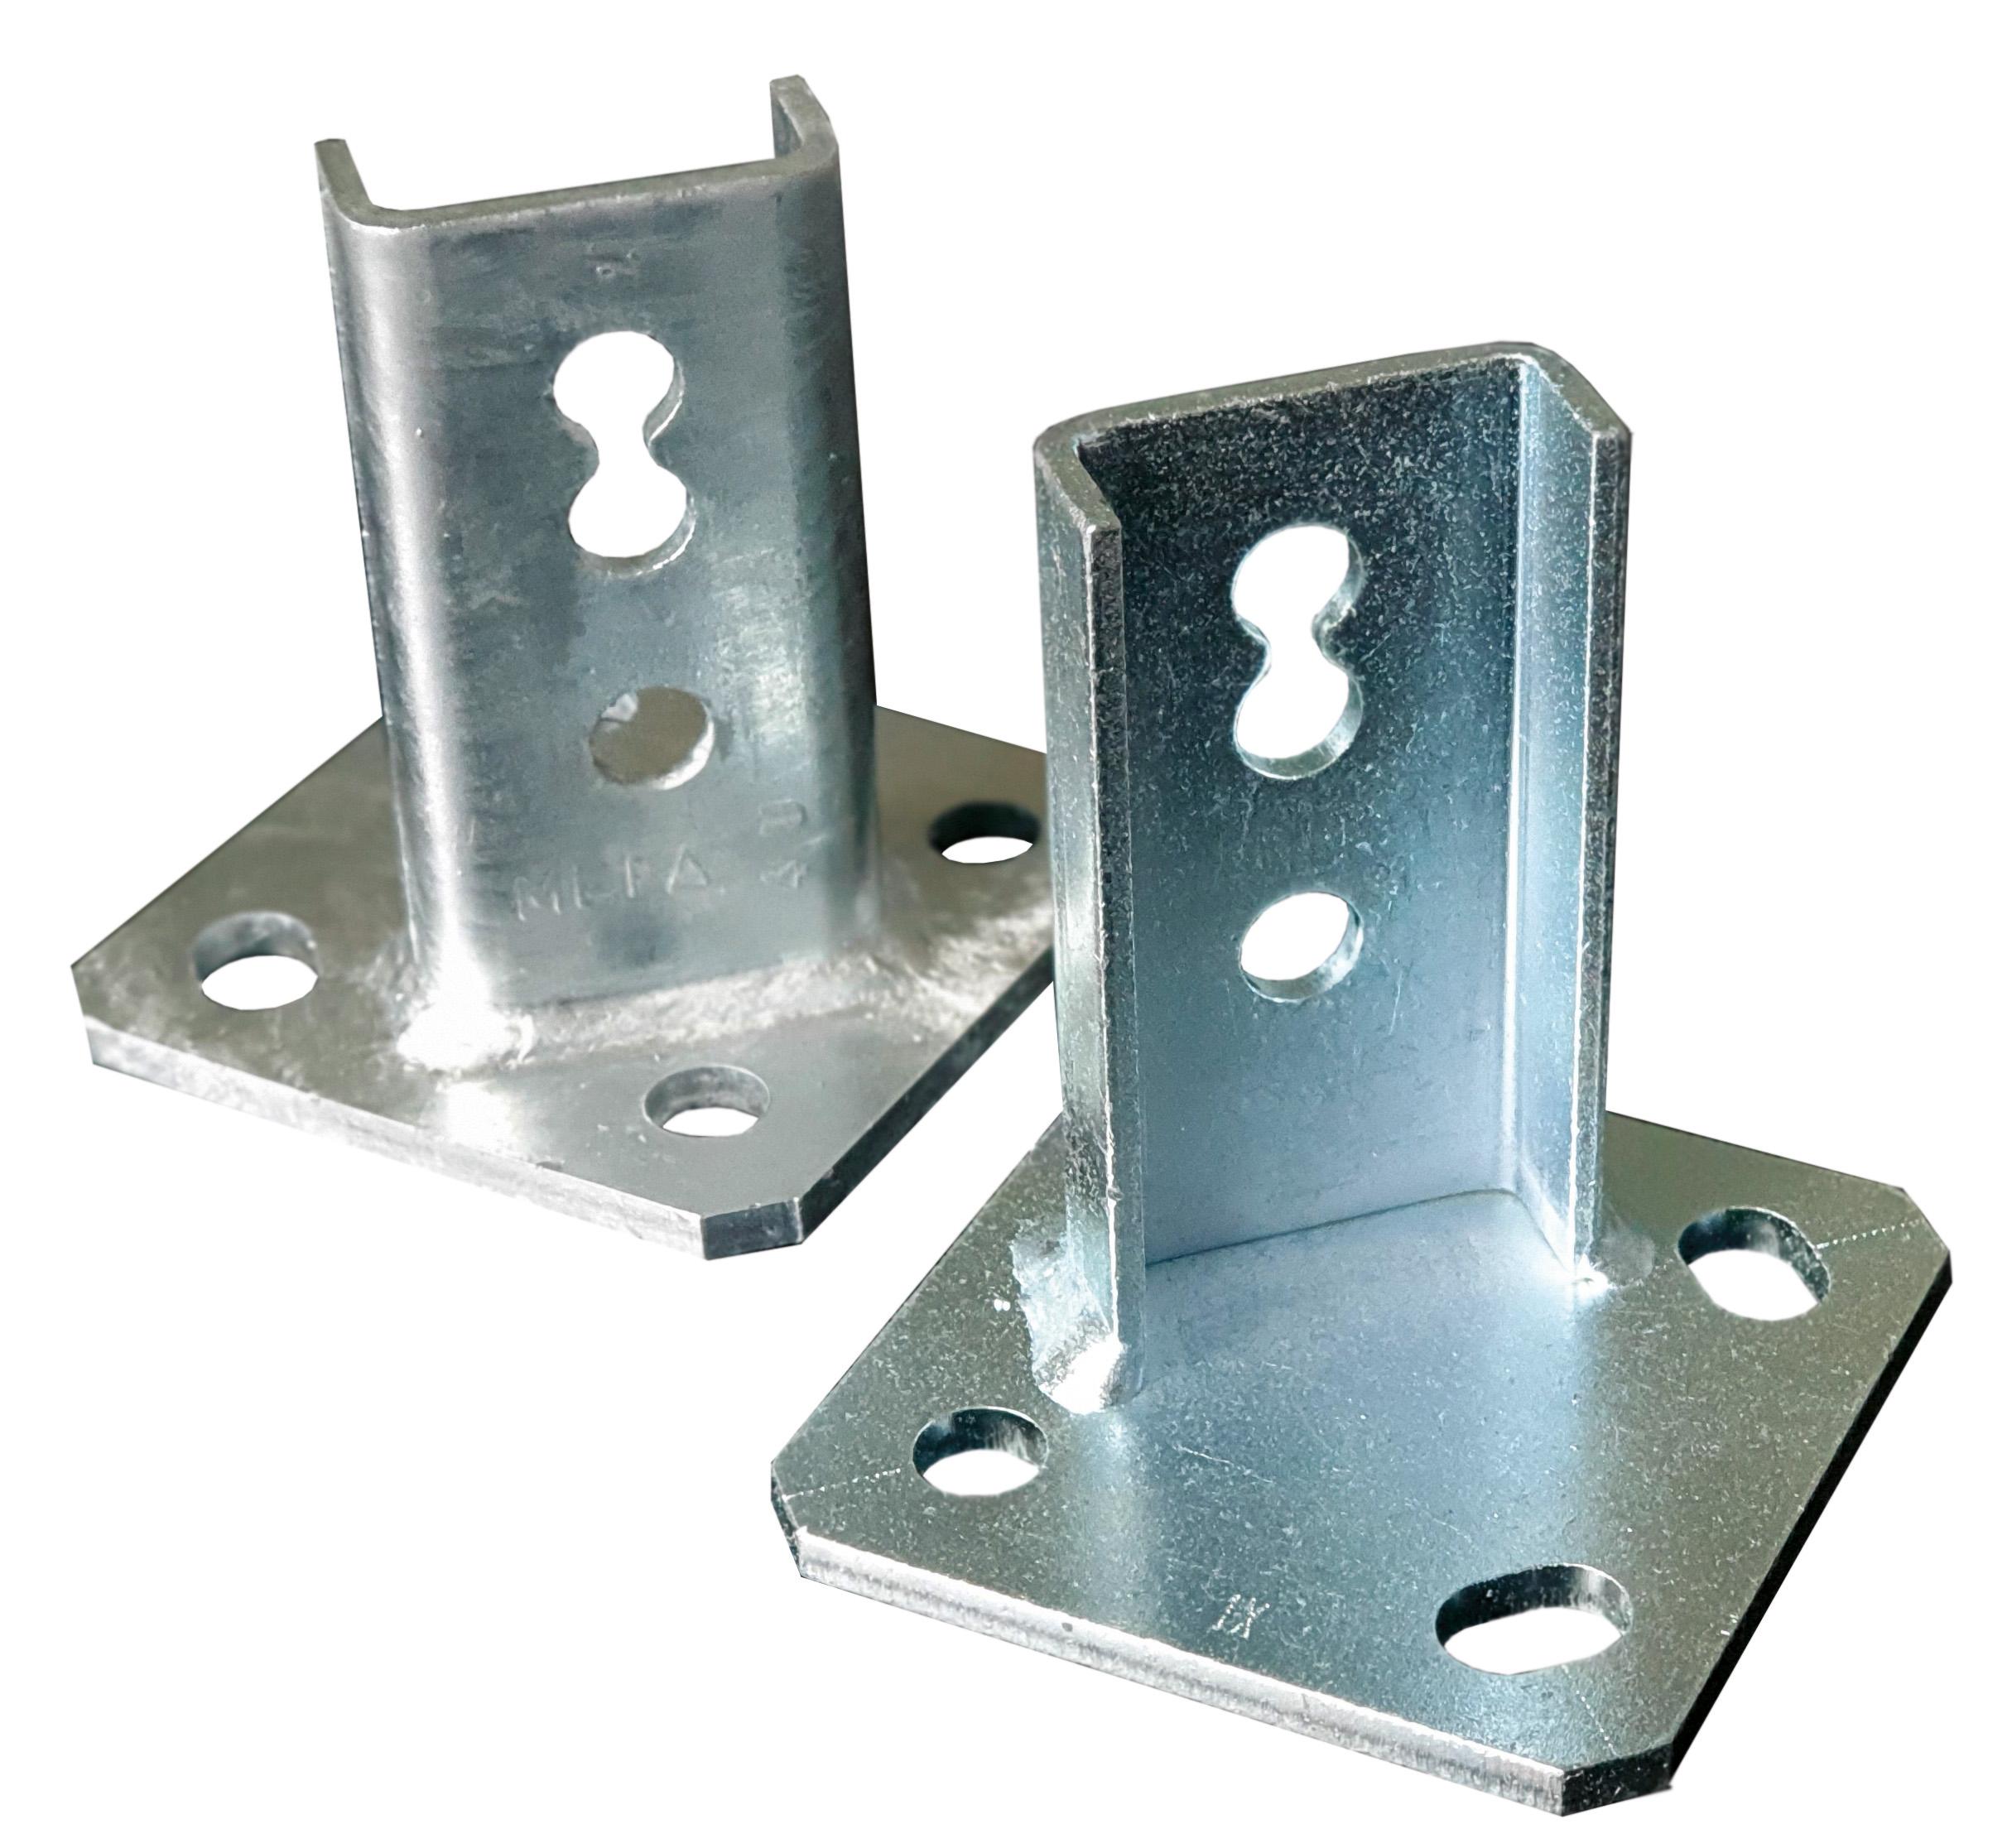 Mit dem MEFA Schienenhalter 45 l/q ist die Längs- und die Quermontage gleichermaßen möglich.